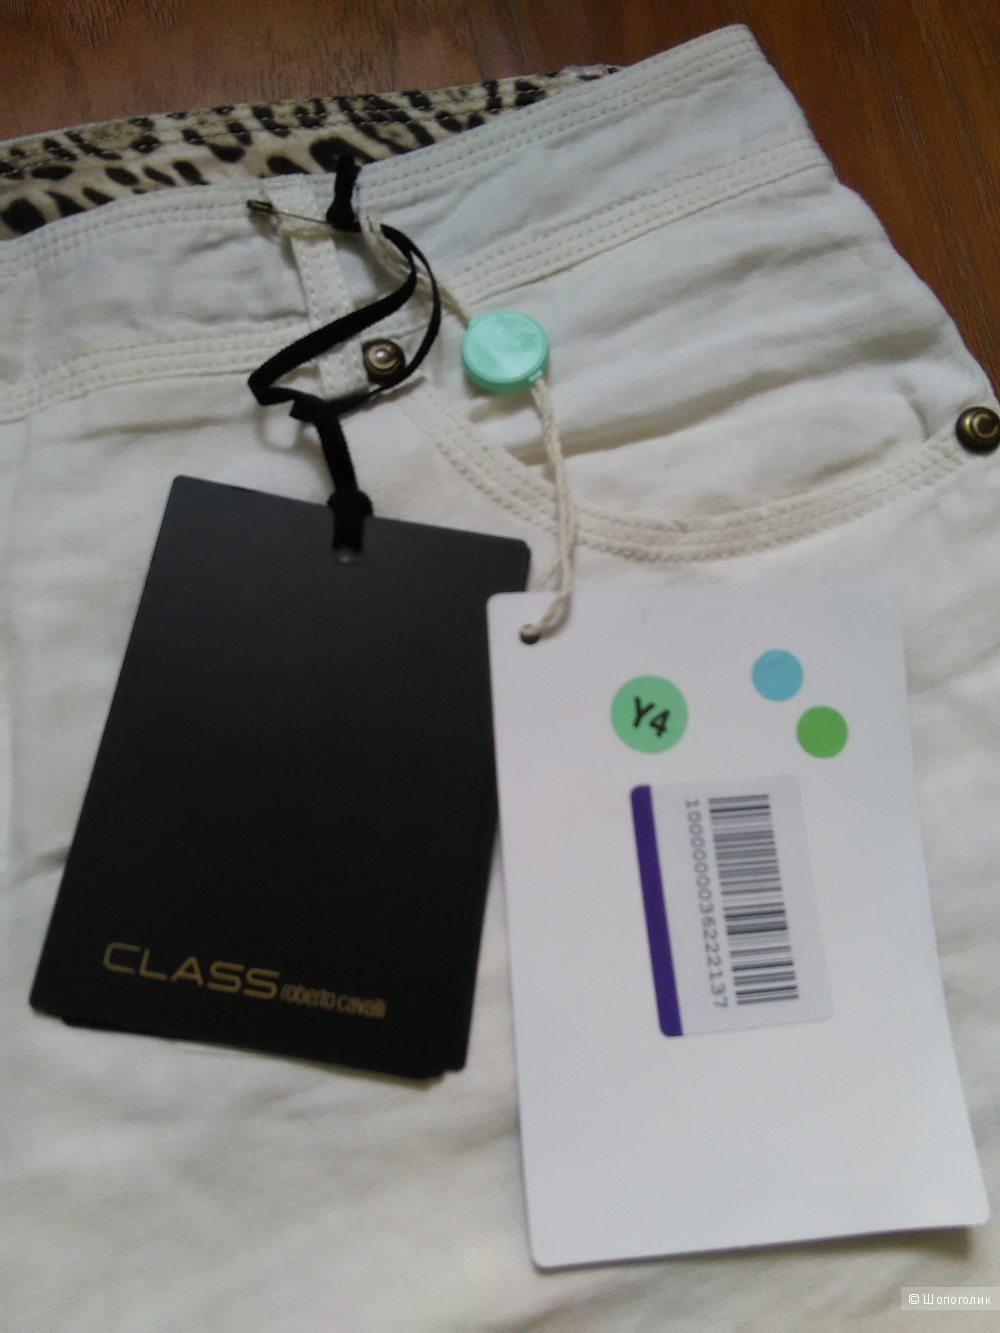 Повседневные брюки CLASS ROBERTO CAVALLI, 100 % лен, р. 42 IT/44 RU, оригинал, новые